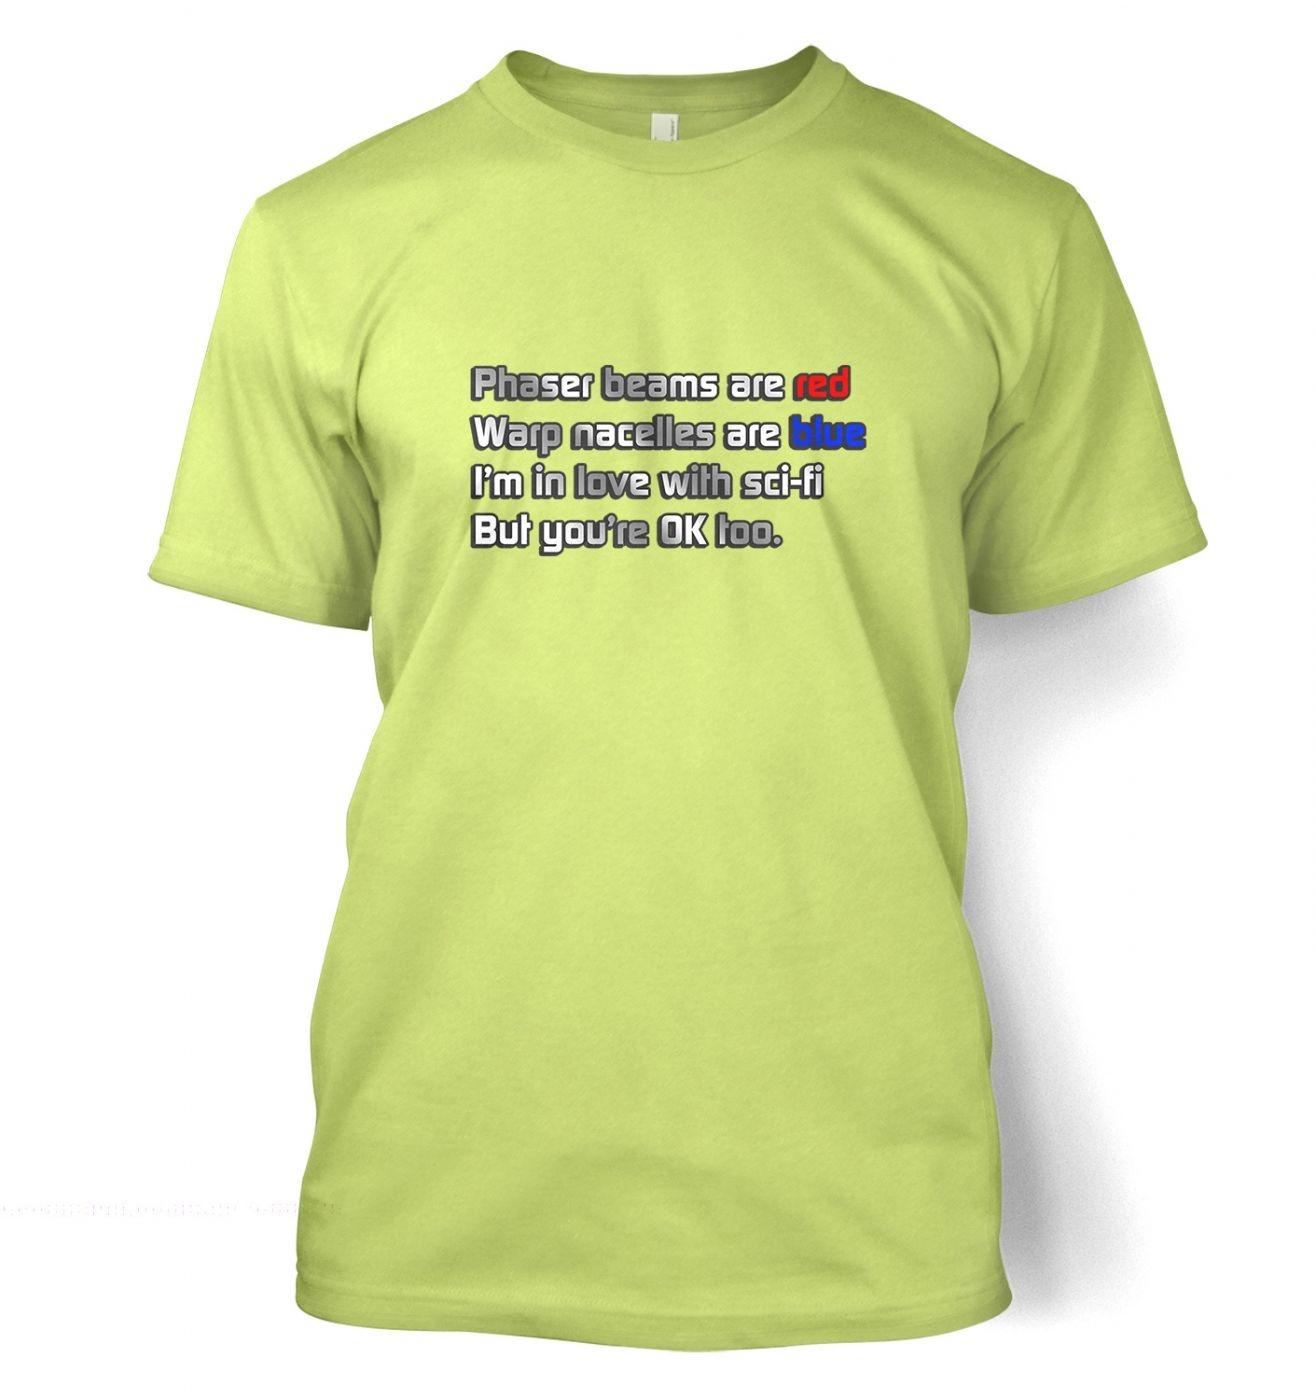 Sci-Fi Valentine t-shirt